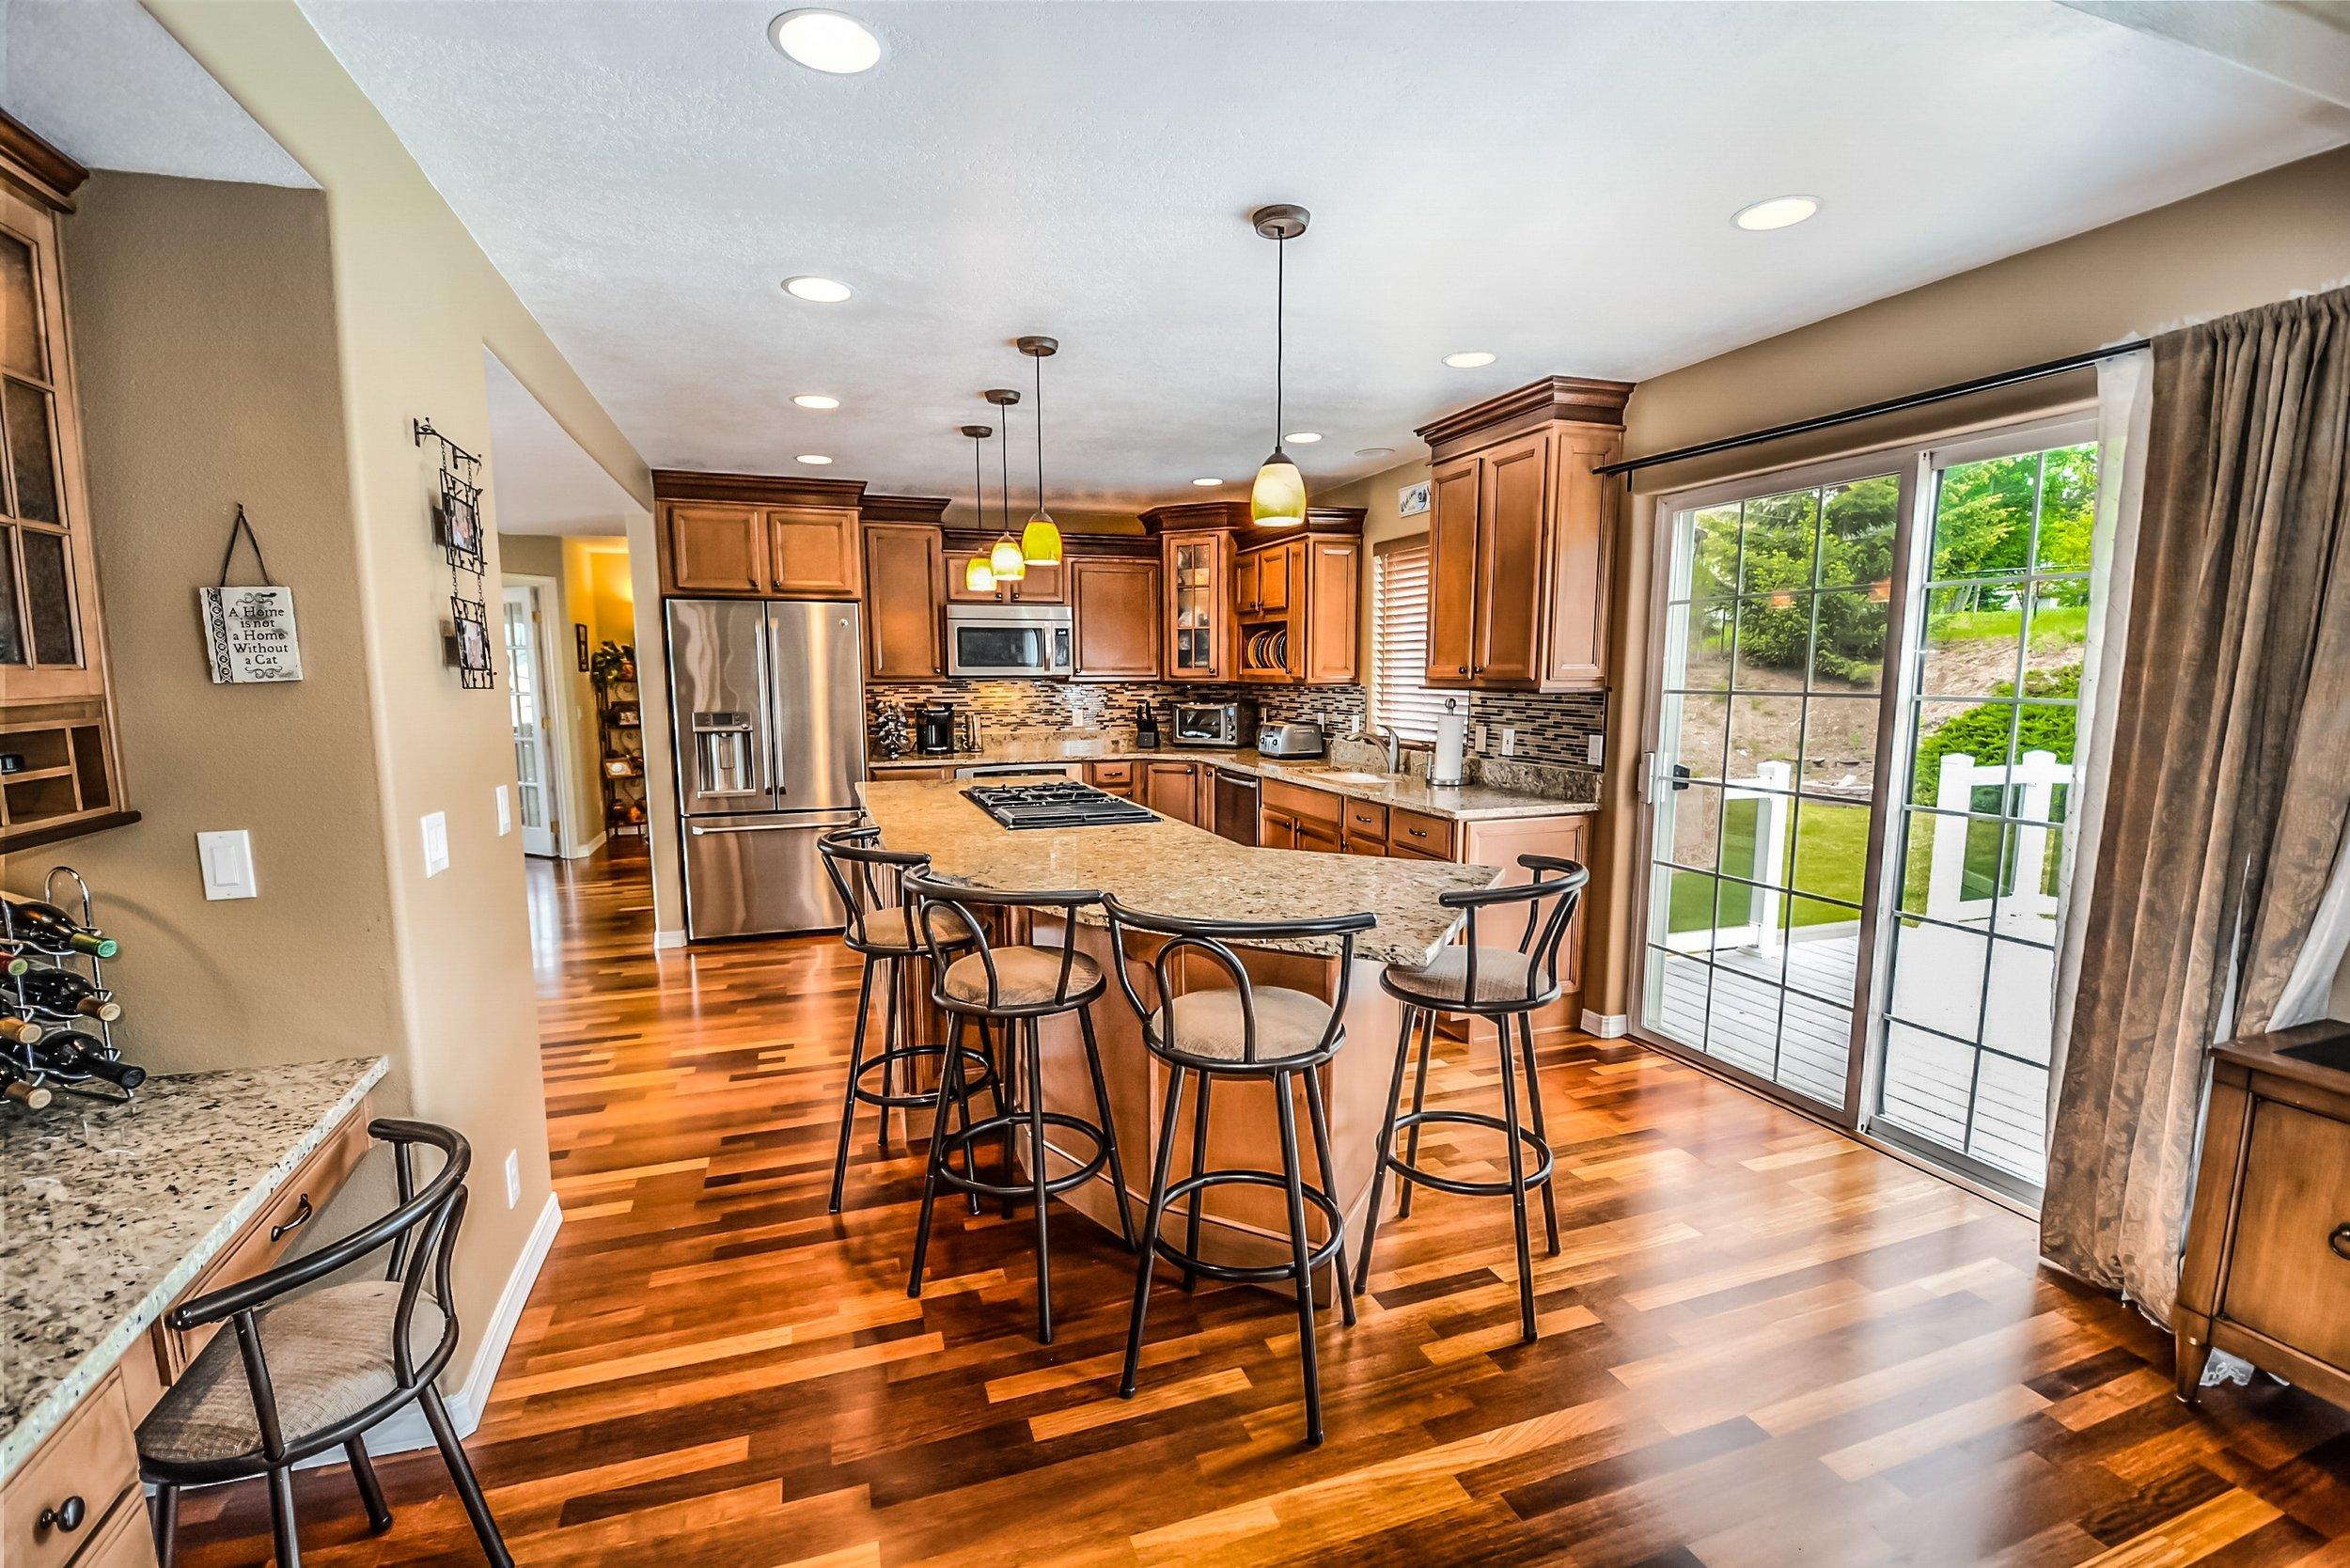 appliances-architecture-ceiling-534151.jpg